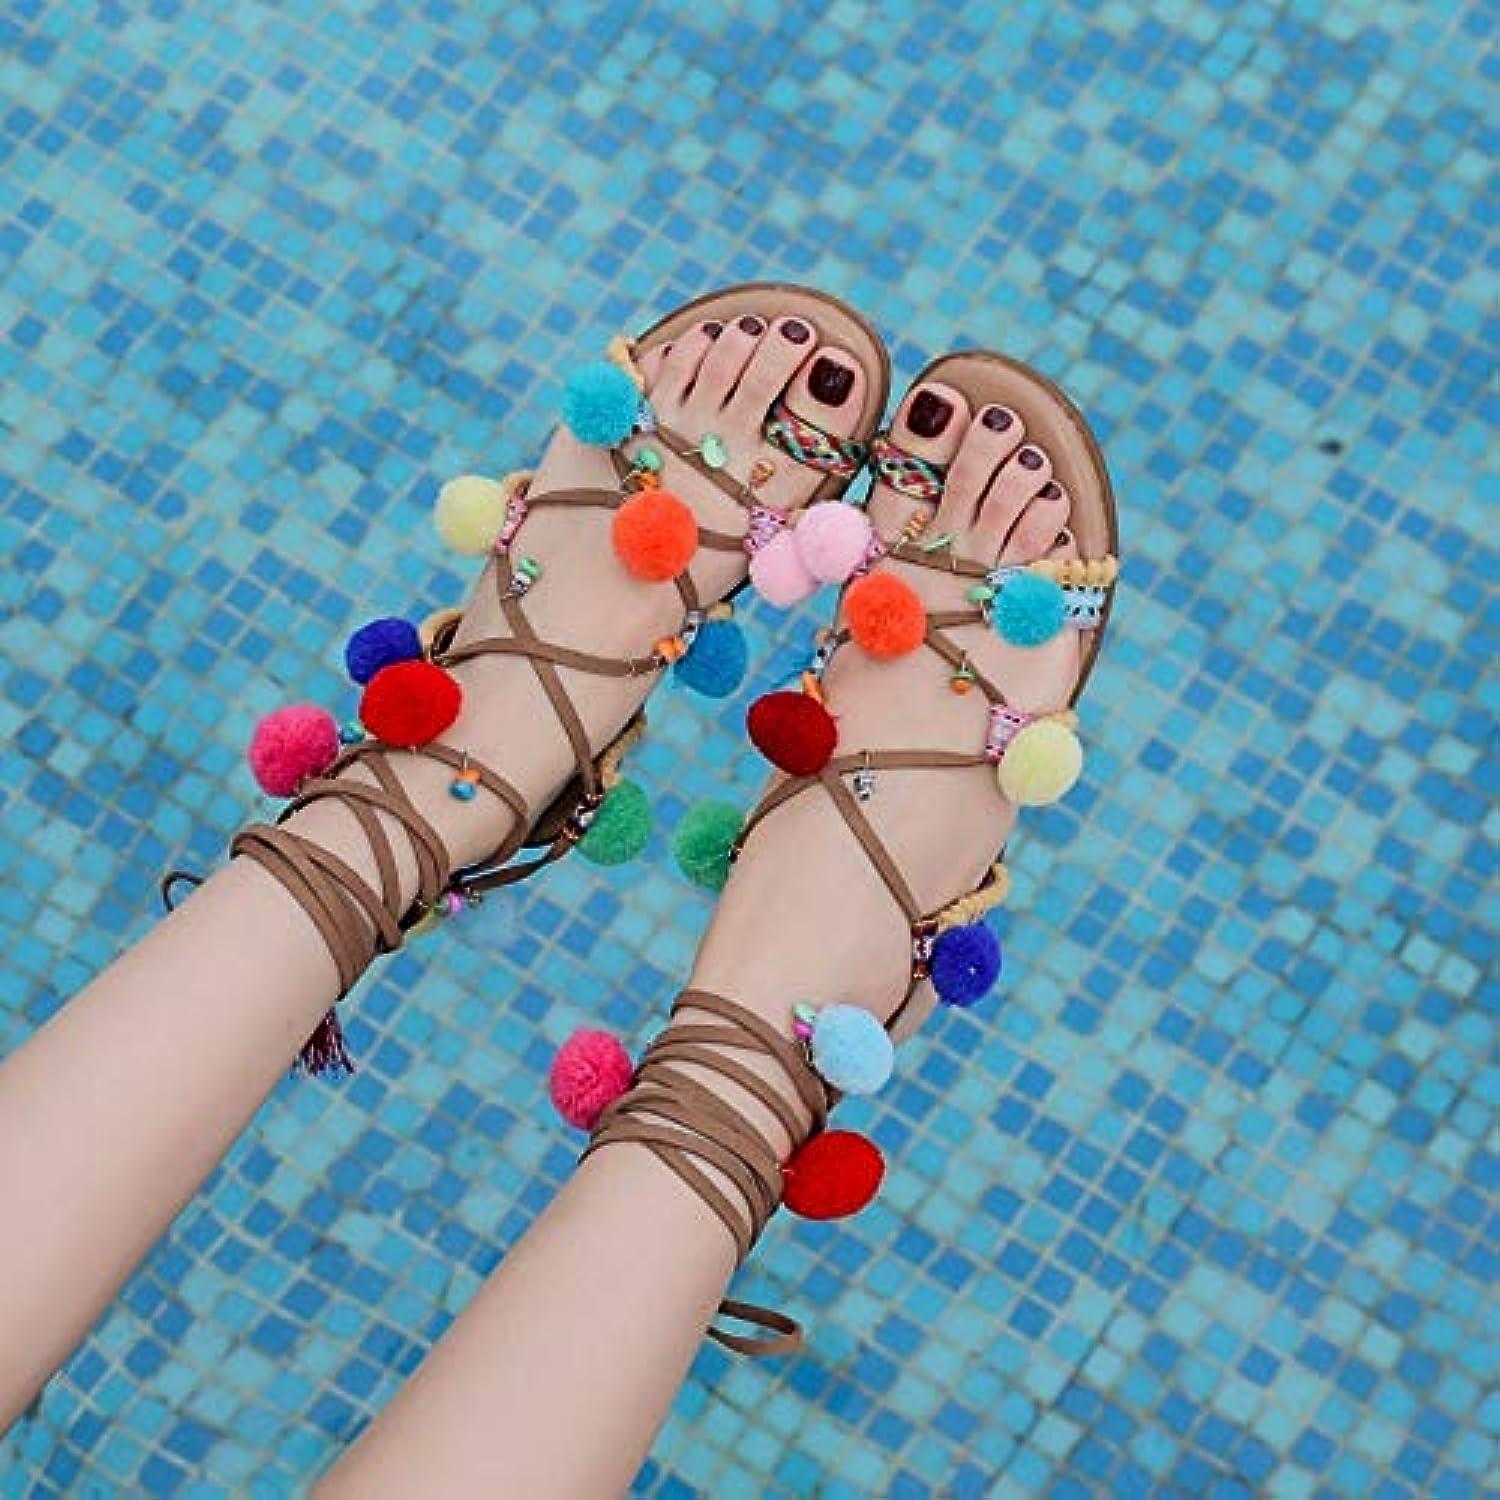 Shukun Sandalen für Damen Rmische Schuhe Strap Sandalen Weiblichen Sommer Nationalen Wind Toe Strand Schuhe Bhmischen Pin Flache Unterseite